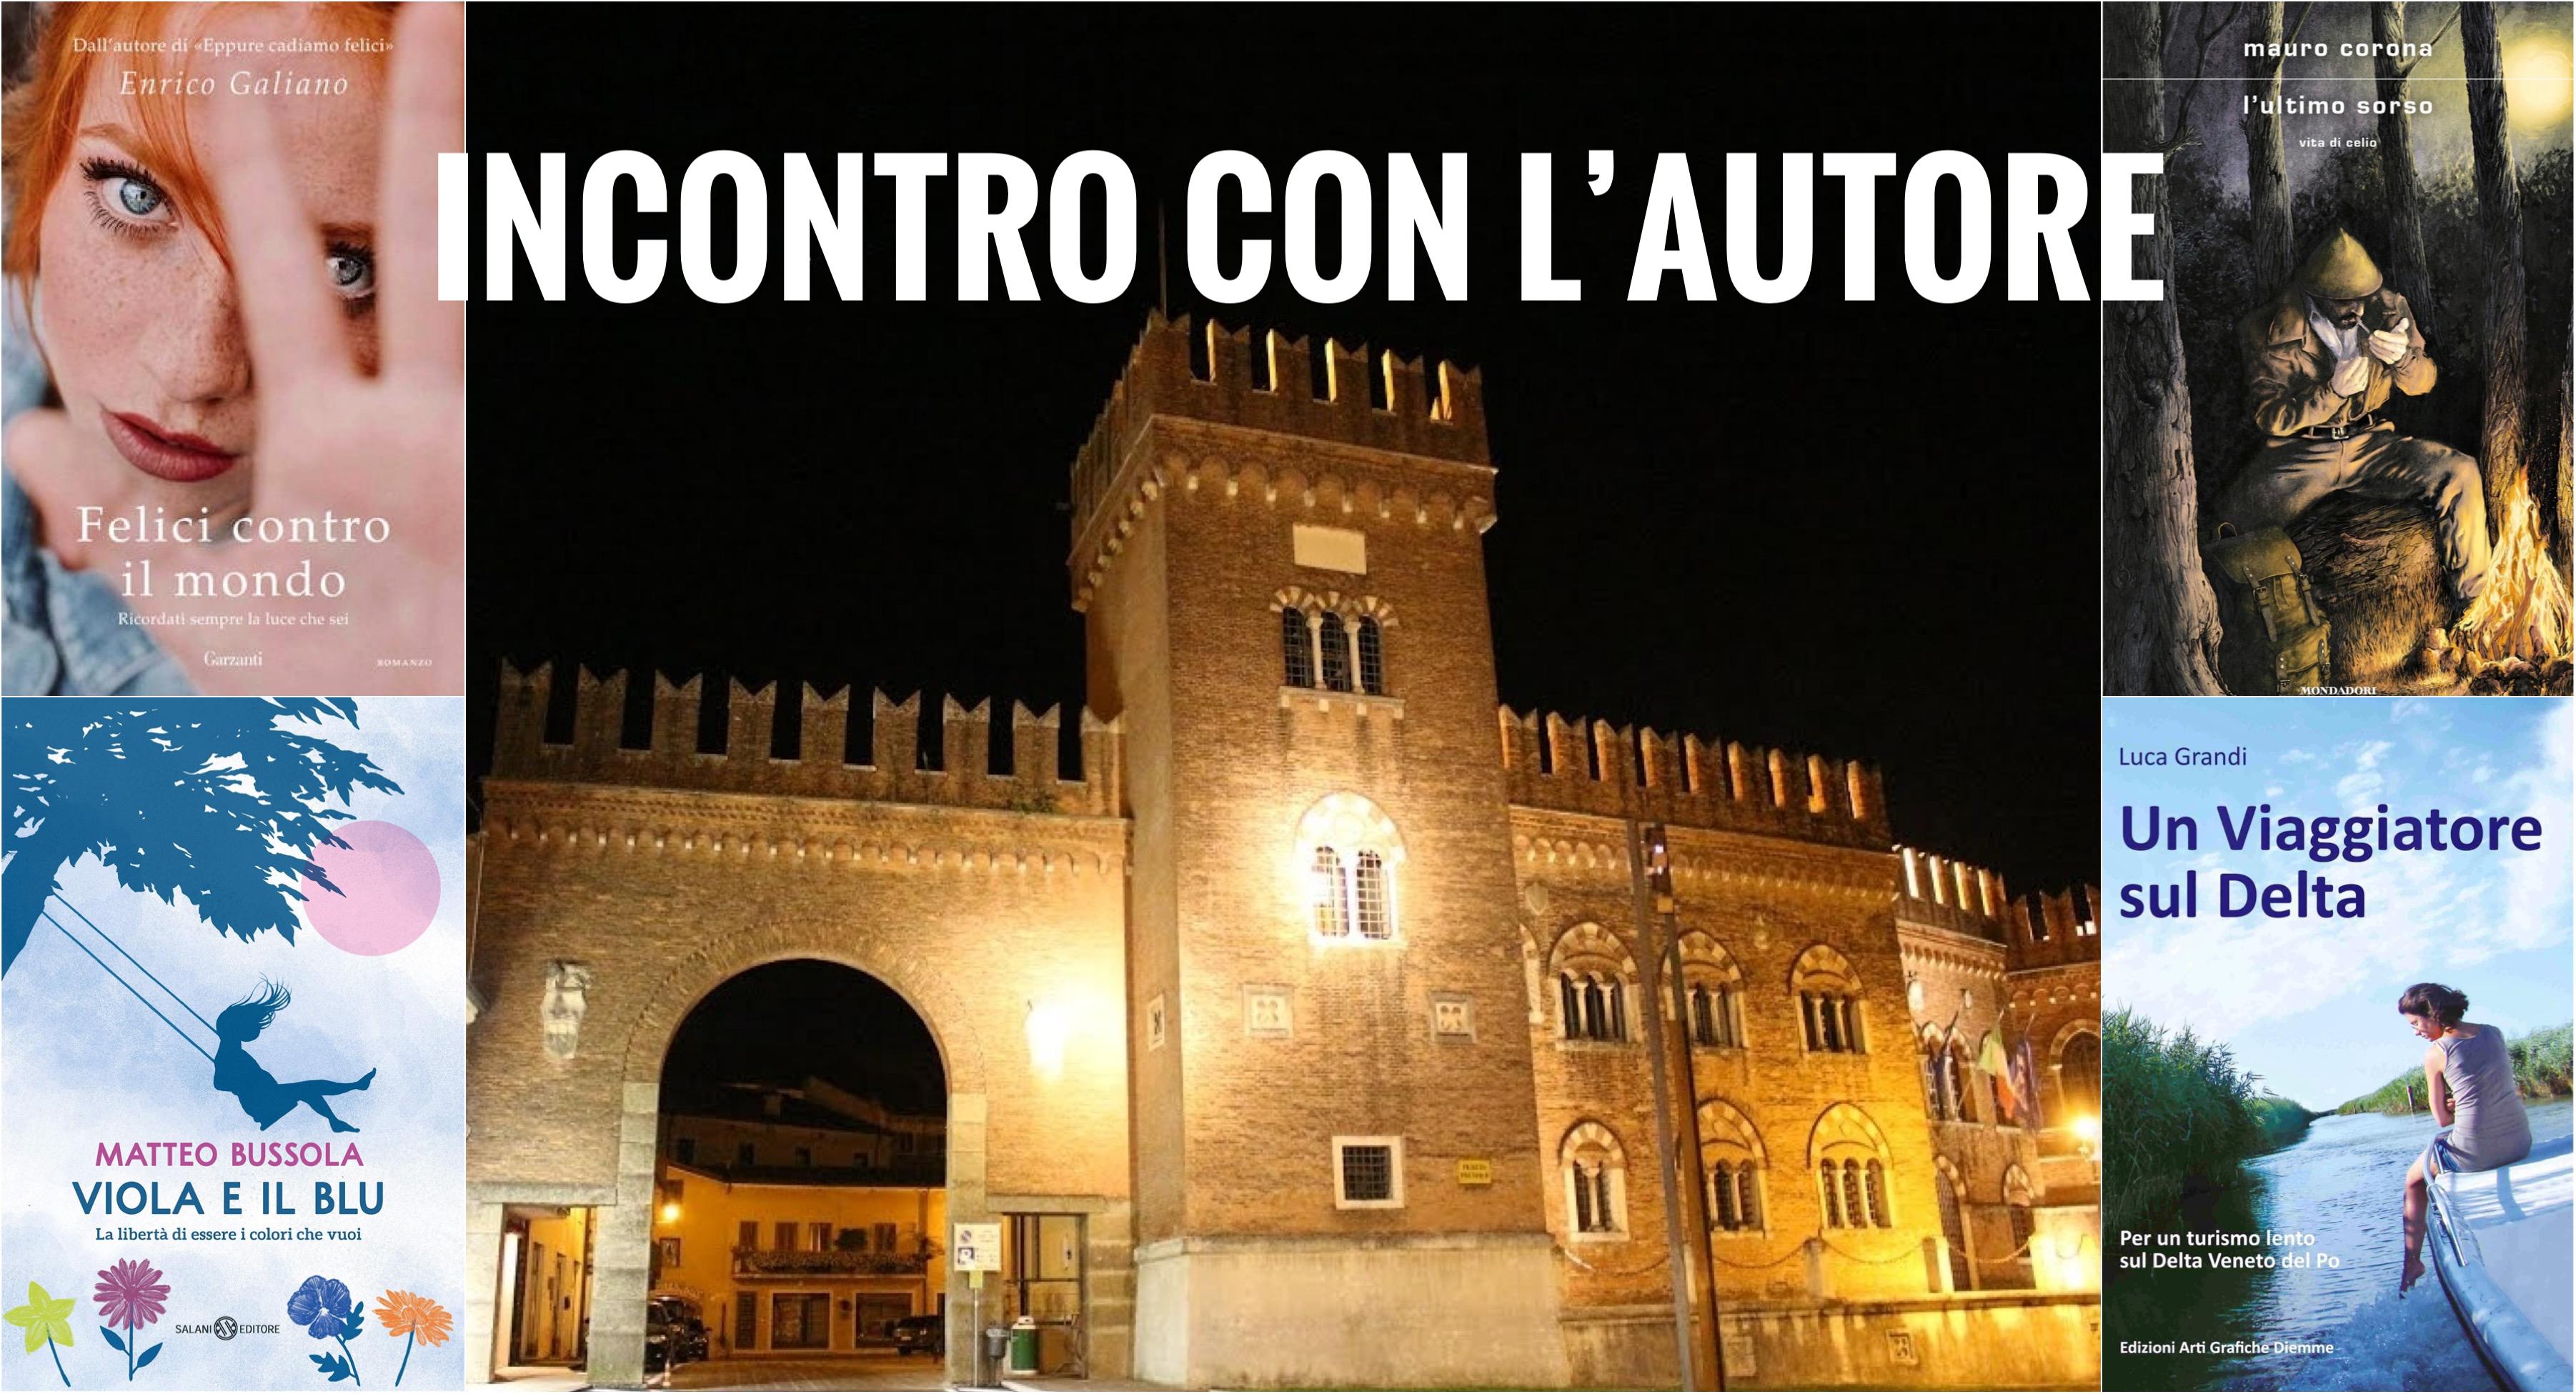 """COLOGNA VENETA. PER """"INCONTRO CON L'AUTORE"""": ENRICO GALIANO, MATTEO BUSSOLA E MAURO CORONA SI RACCONTANO IN PIAZZA CORTE PALAZZO."""